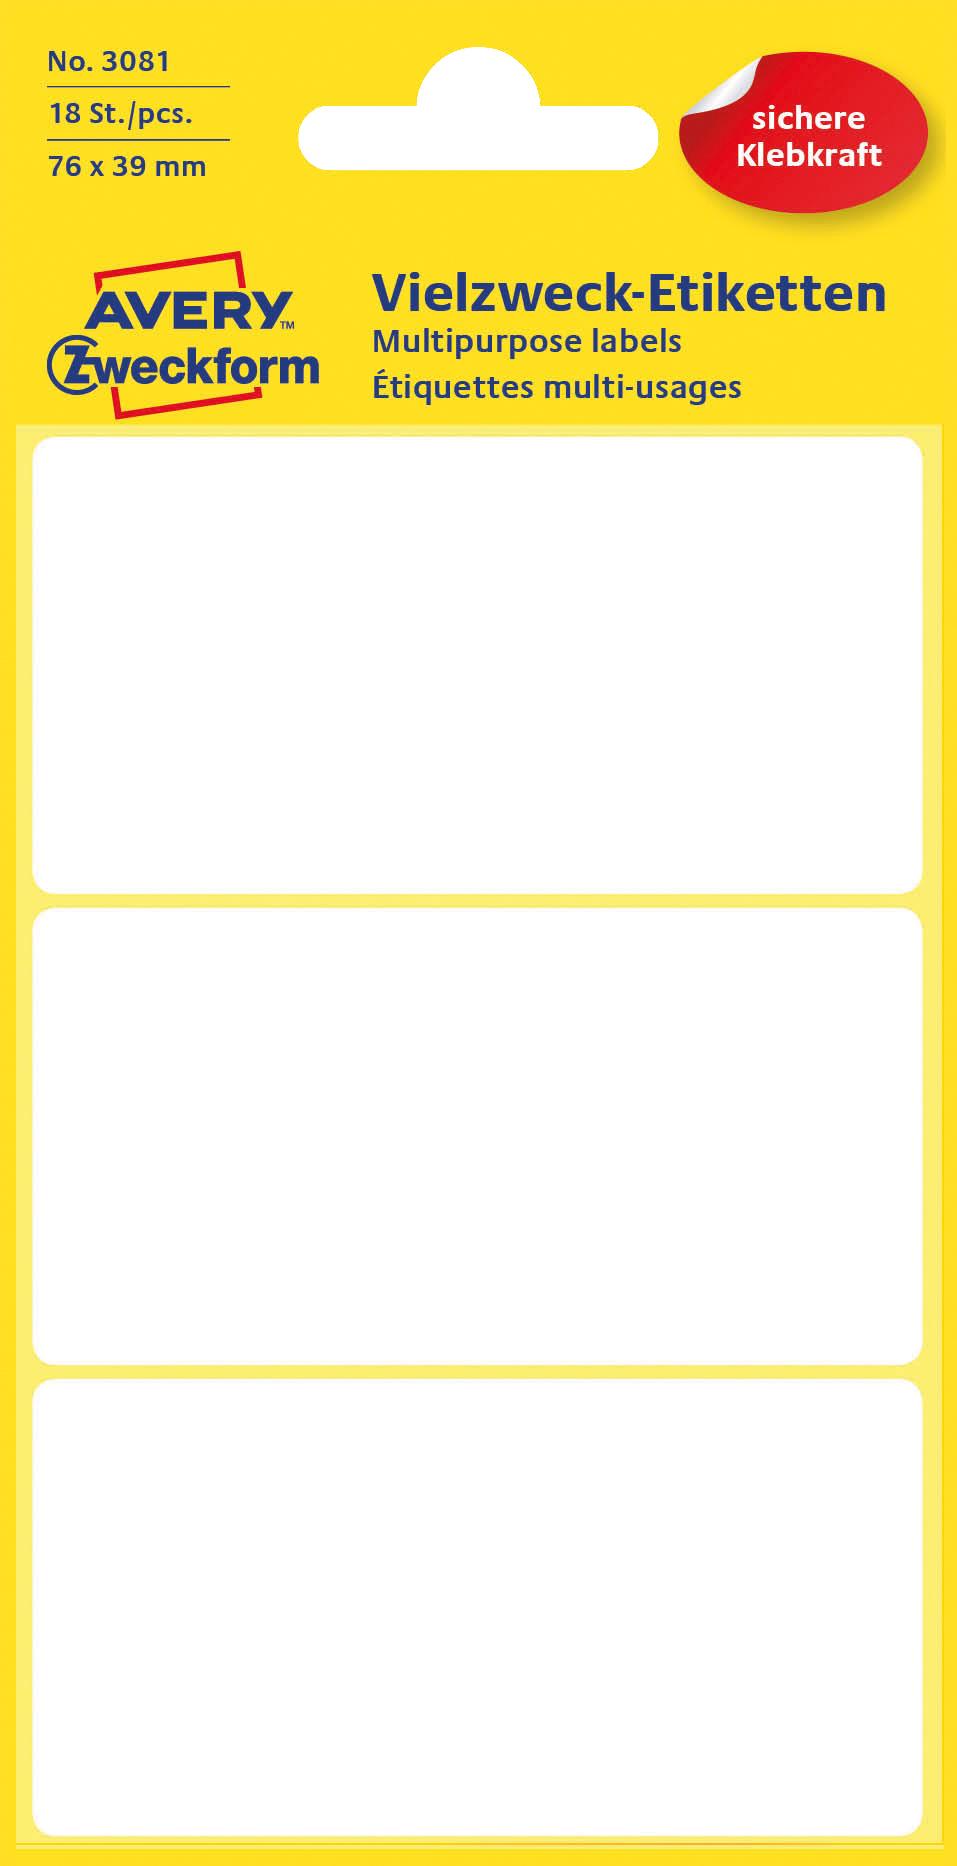 Avery 3081 Etiketter for håndskrift 76x39 (18)